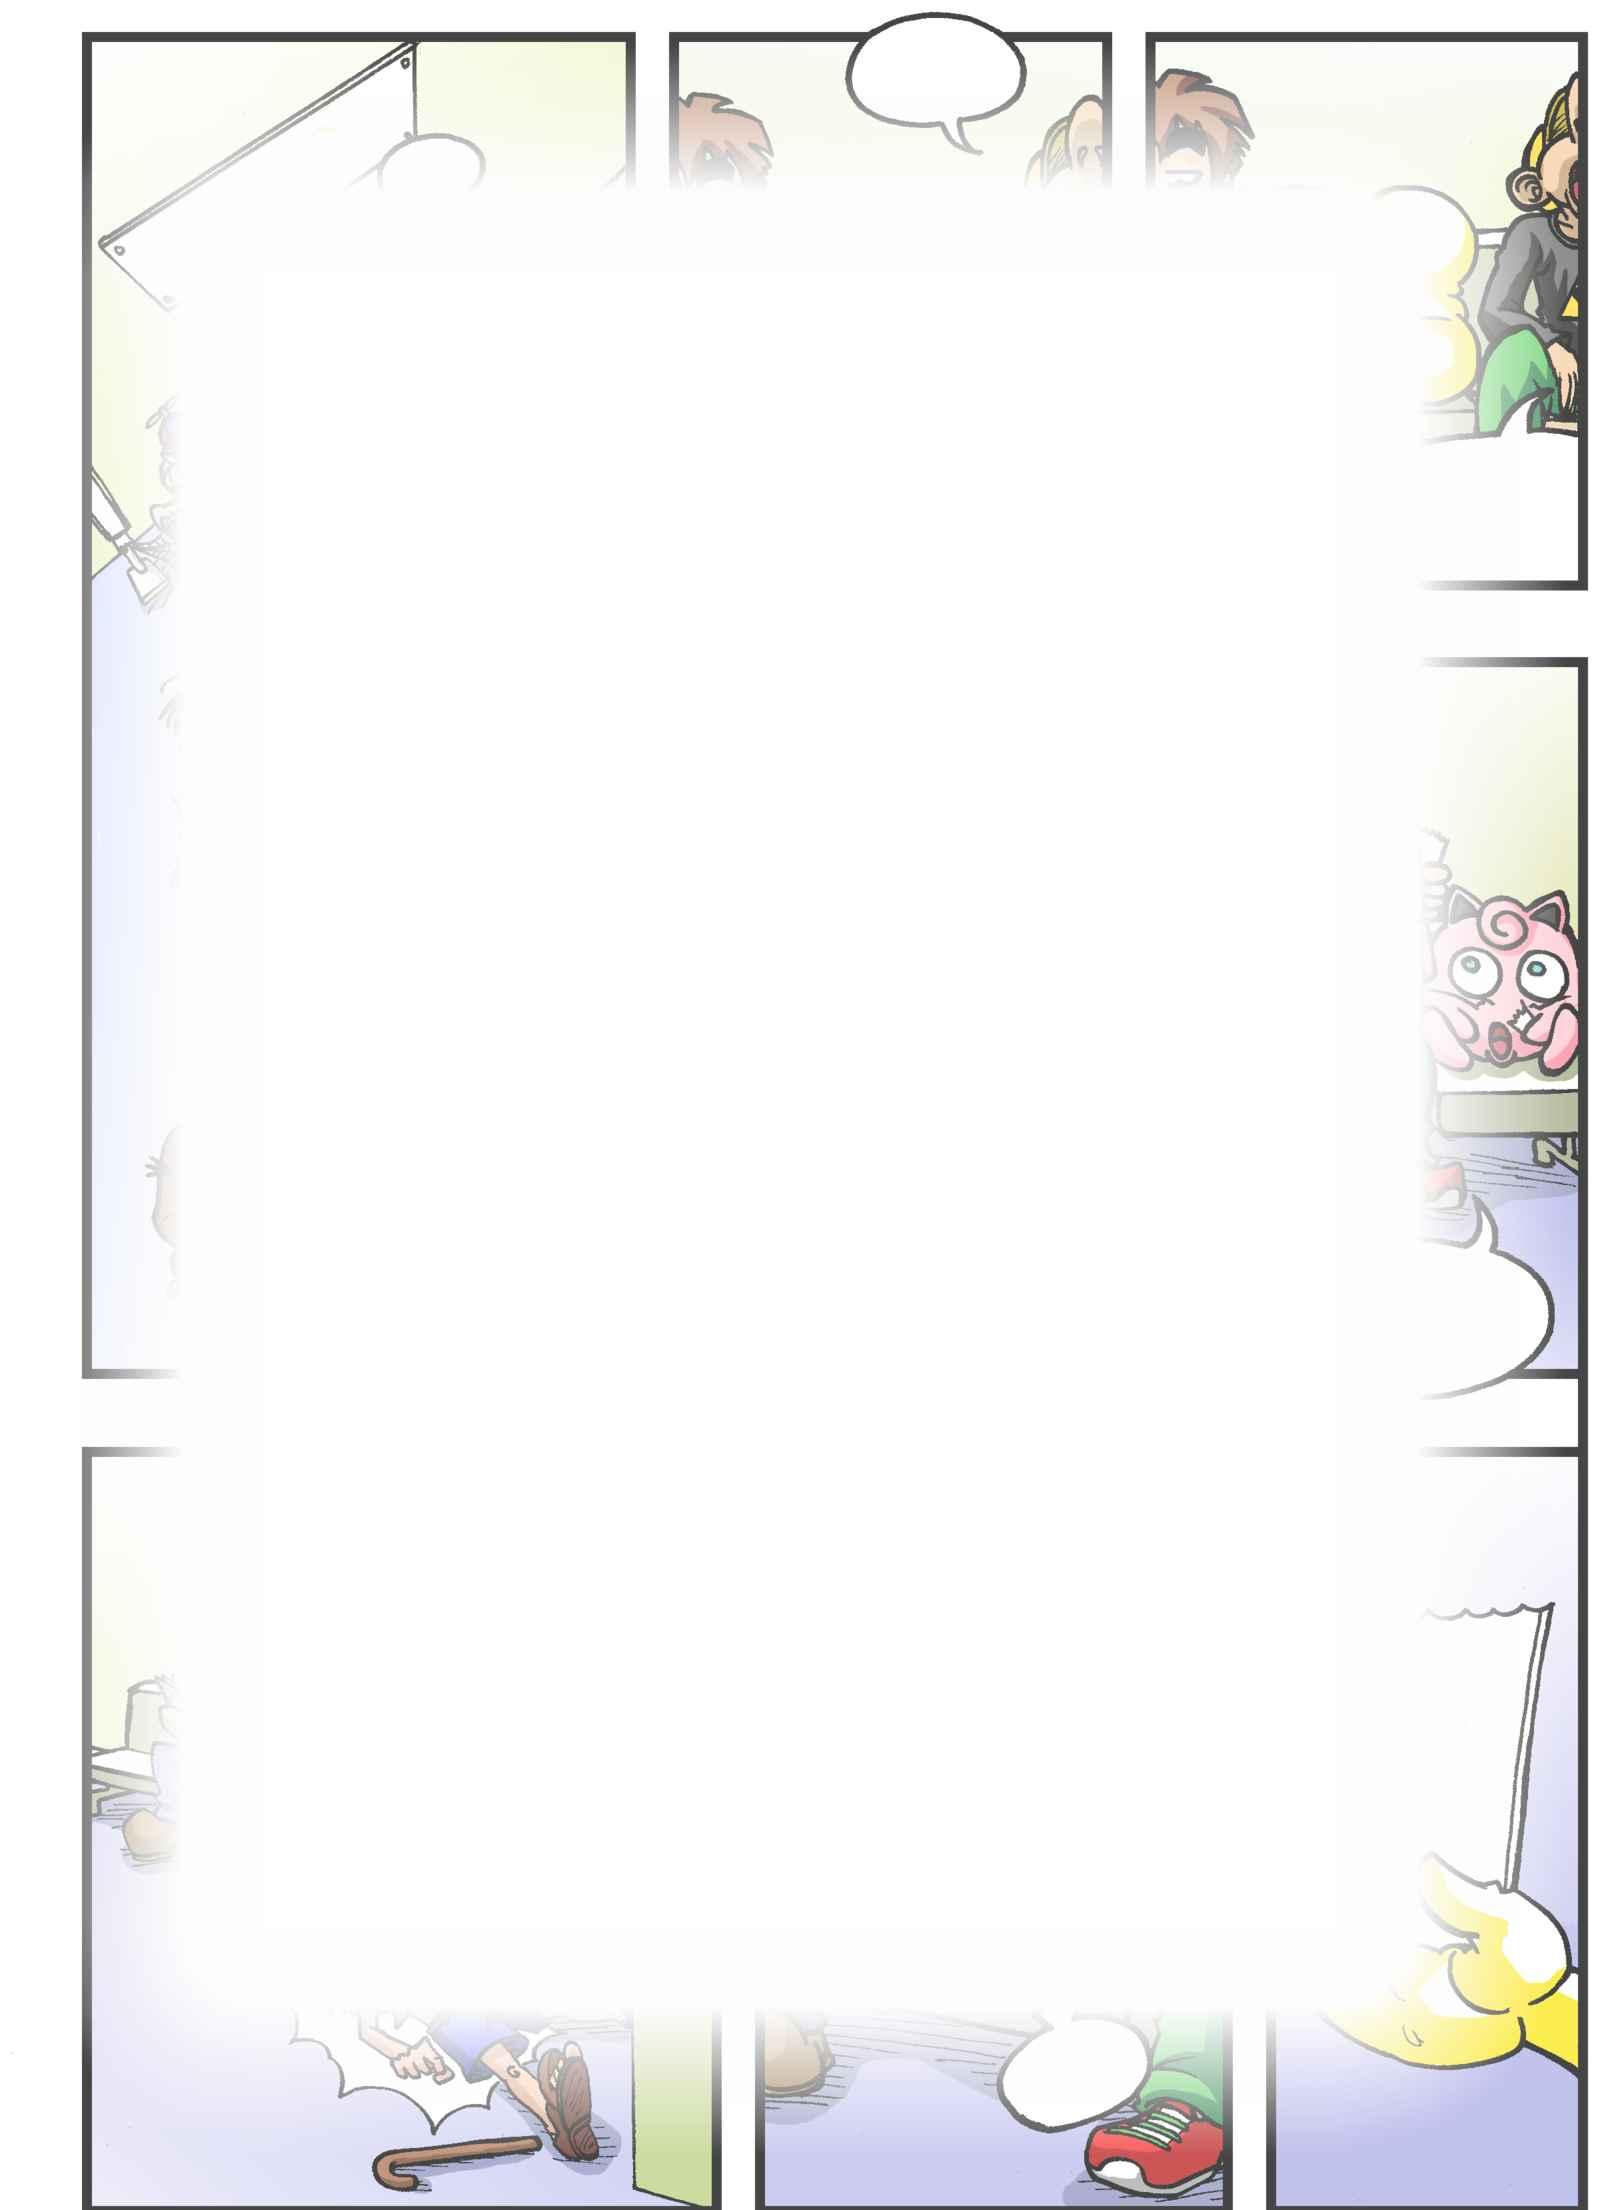 スーパードラゴンブラザーズZ : チャプター 2 ページ 17